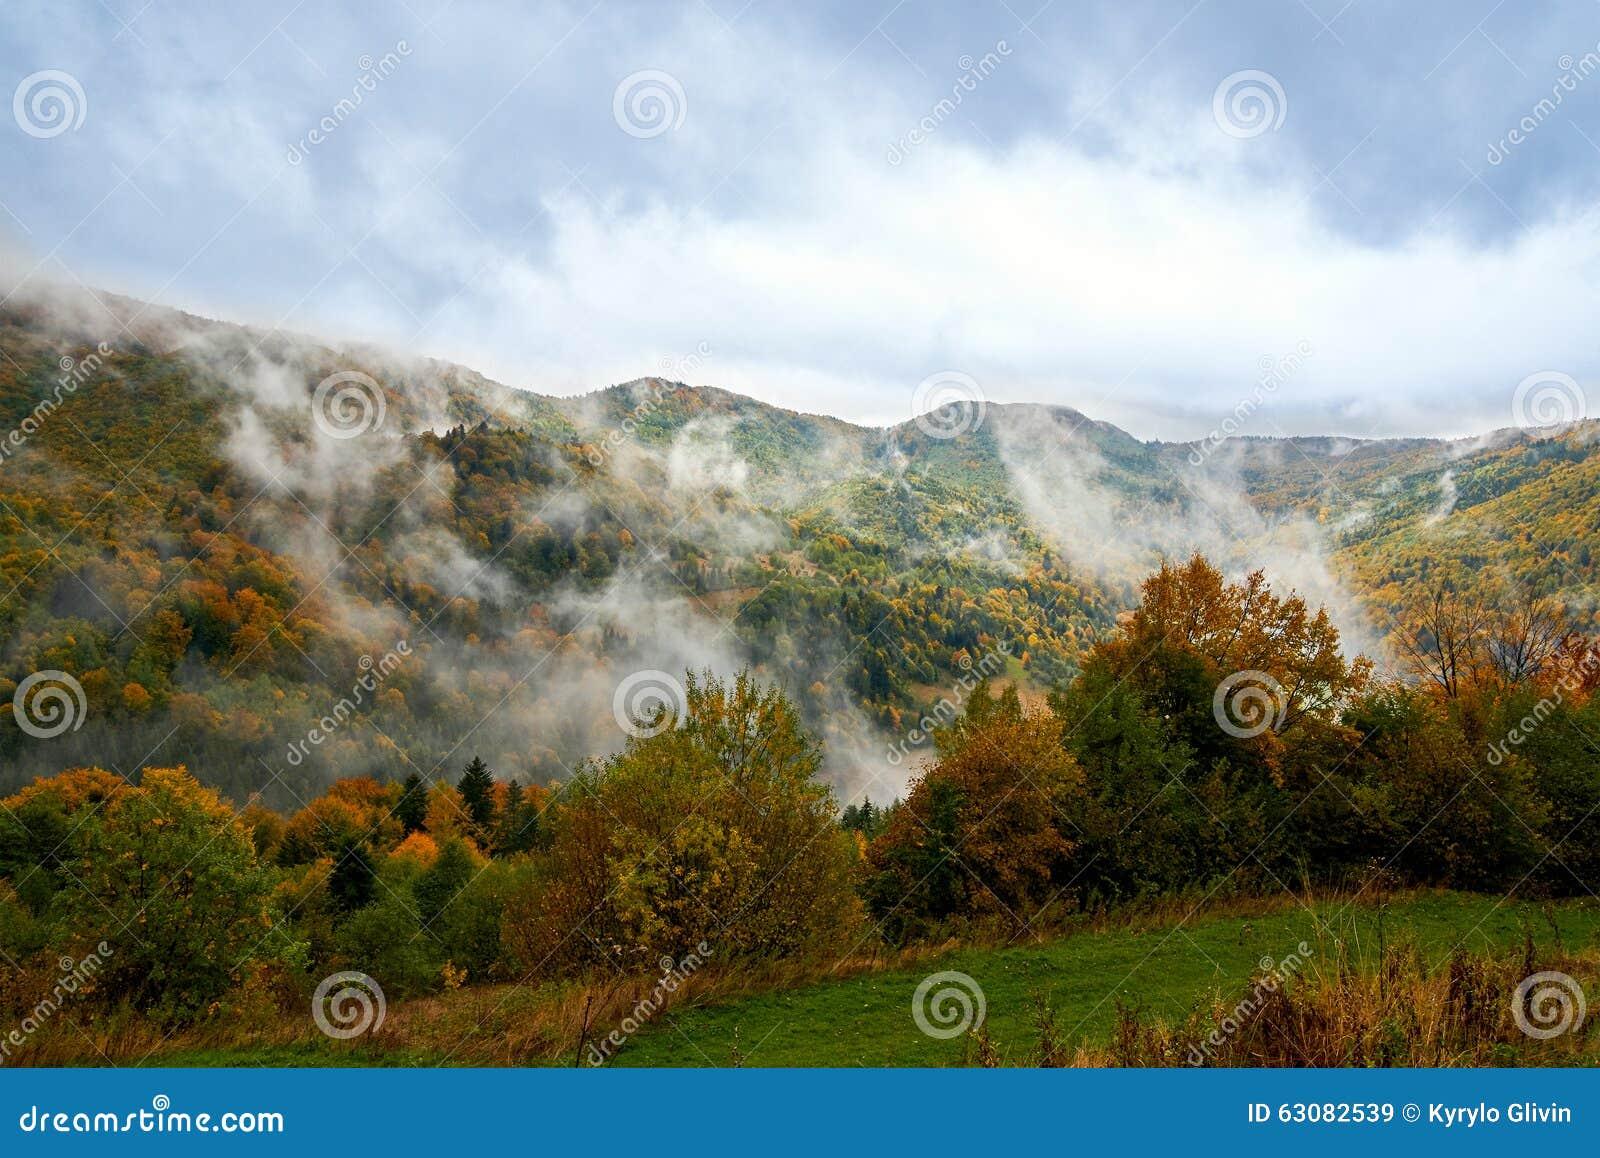 Download Paysage De Montagne Avec Des Nuages Et Des Arbres Colorés Image stock - Image du fond, vert: 63082539